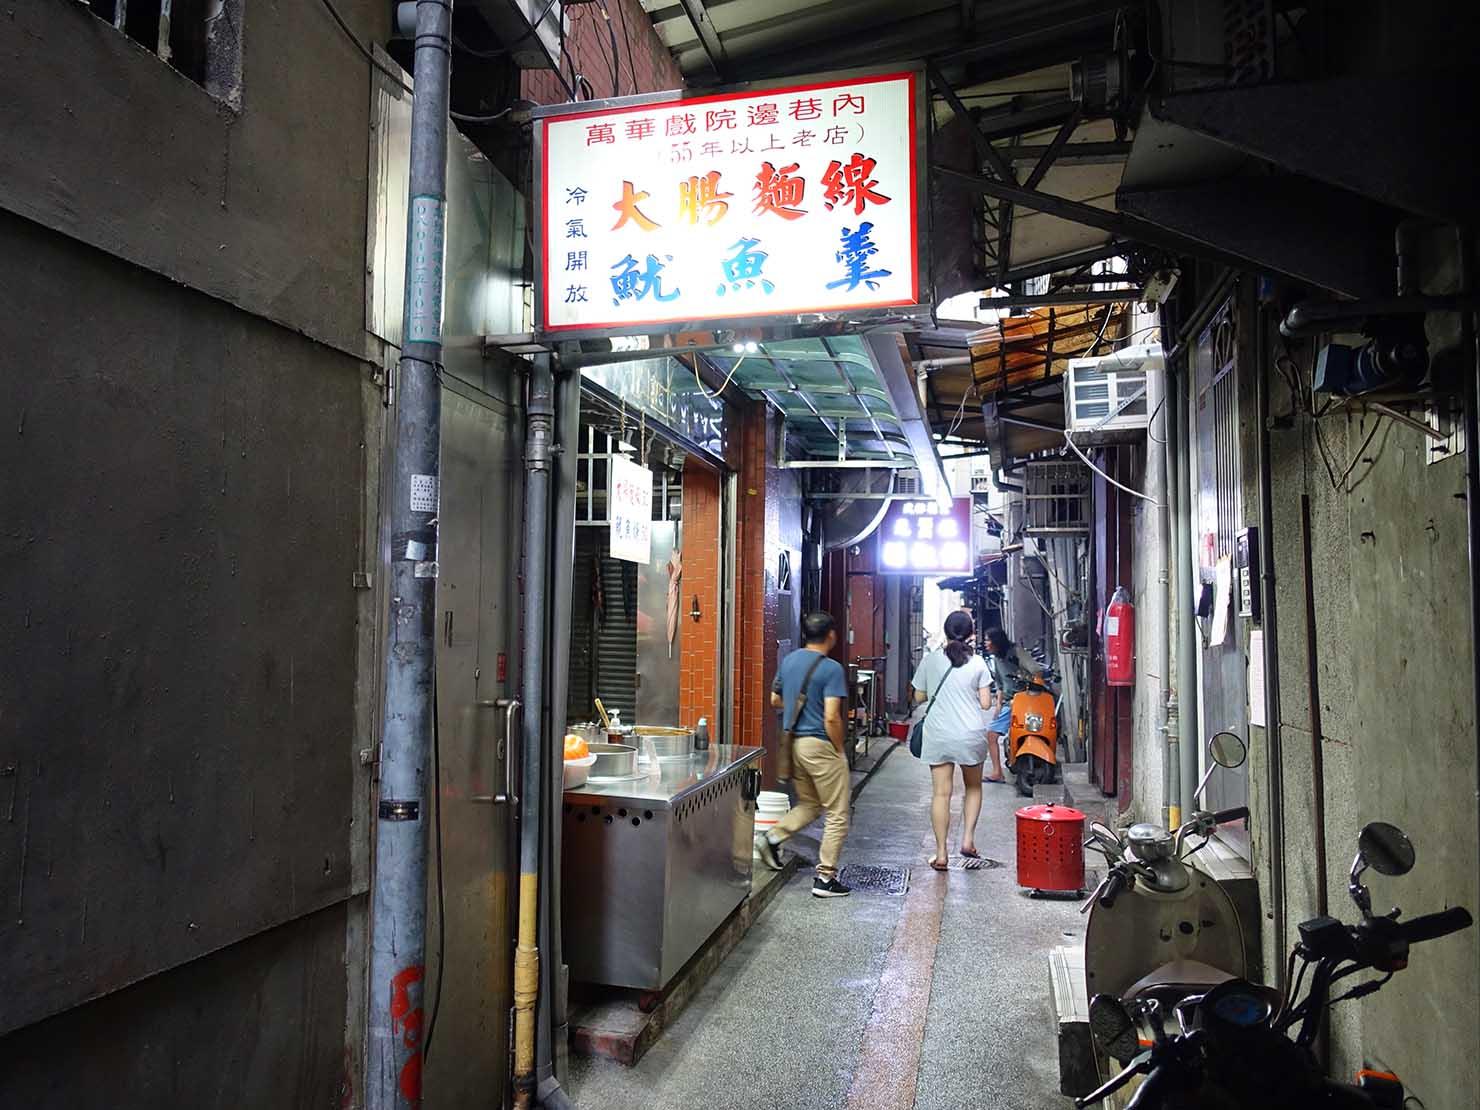 台北・龍山寺エリアのおすすめグルメ店「萬華戲院大腸麵線魷魚羹」